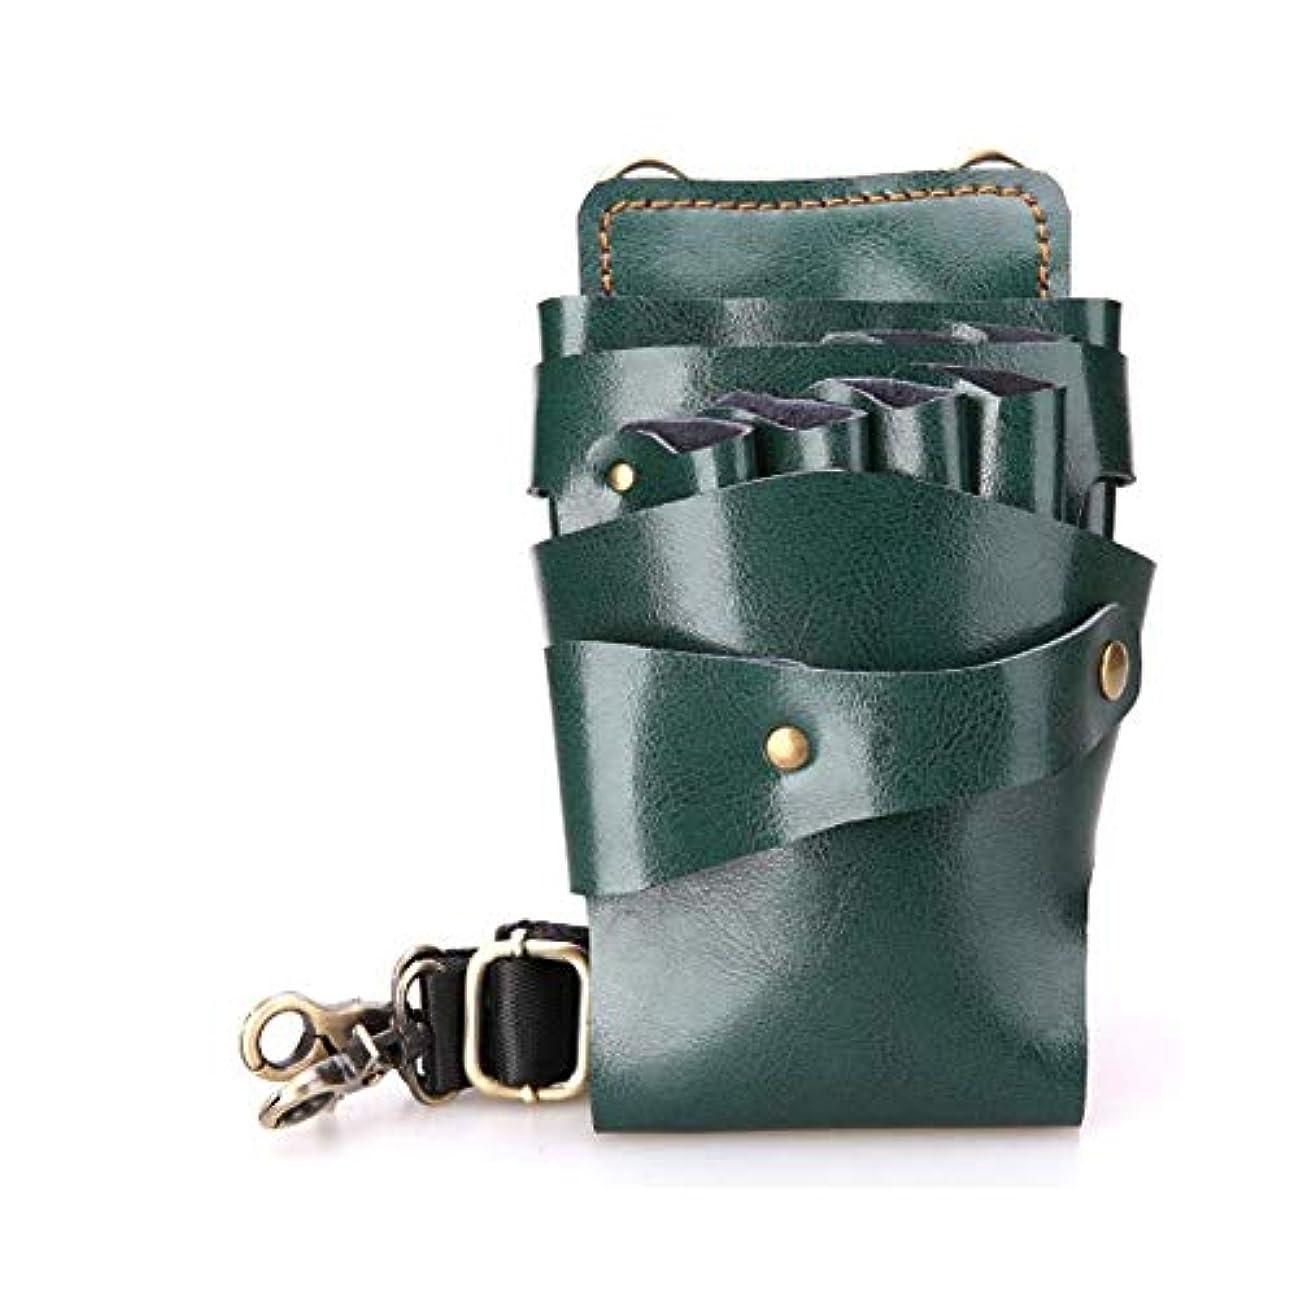 涙が出る発揮する操作可能YWAWJ 優れたイタリア素材はプロフェッショナルサロン革シザーバッグ理髪ポーチ理容シザーの作品 (Color : Green)